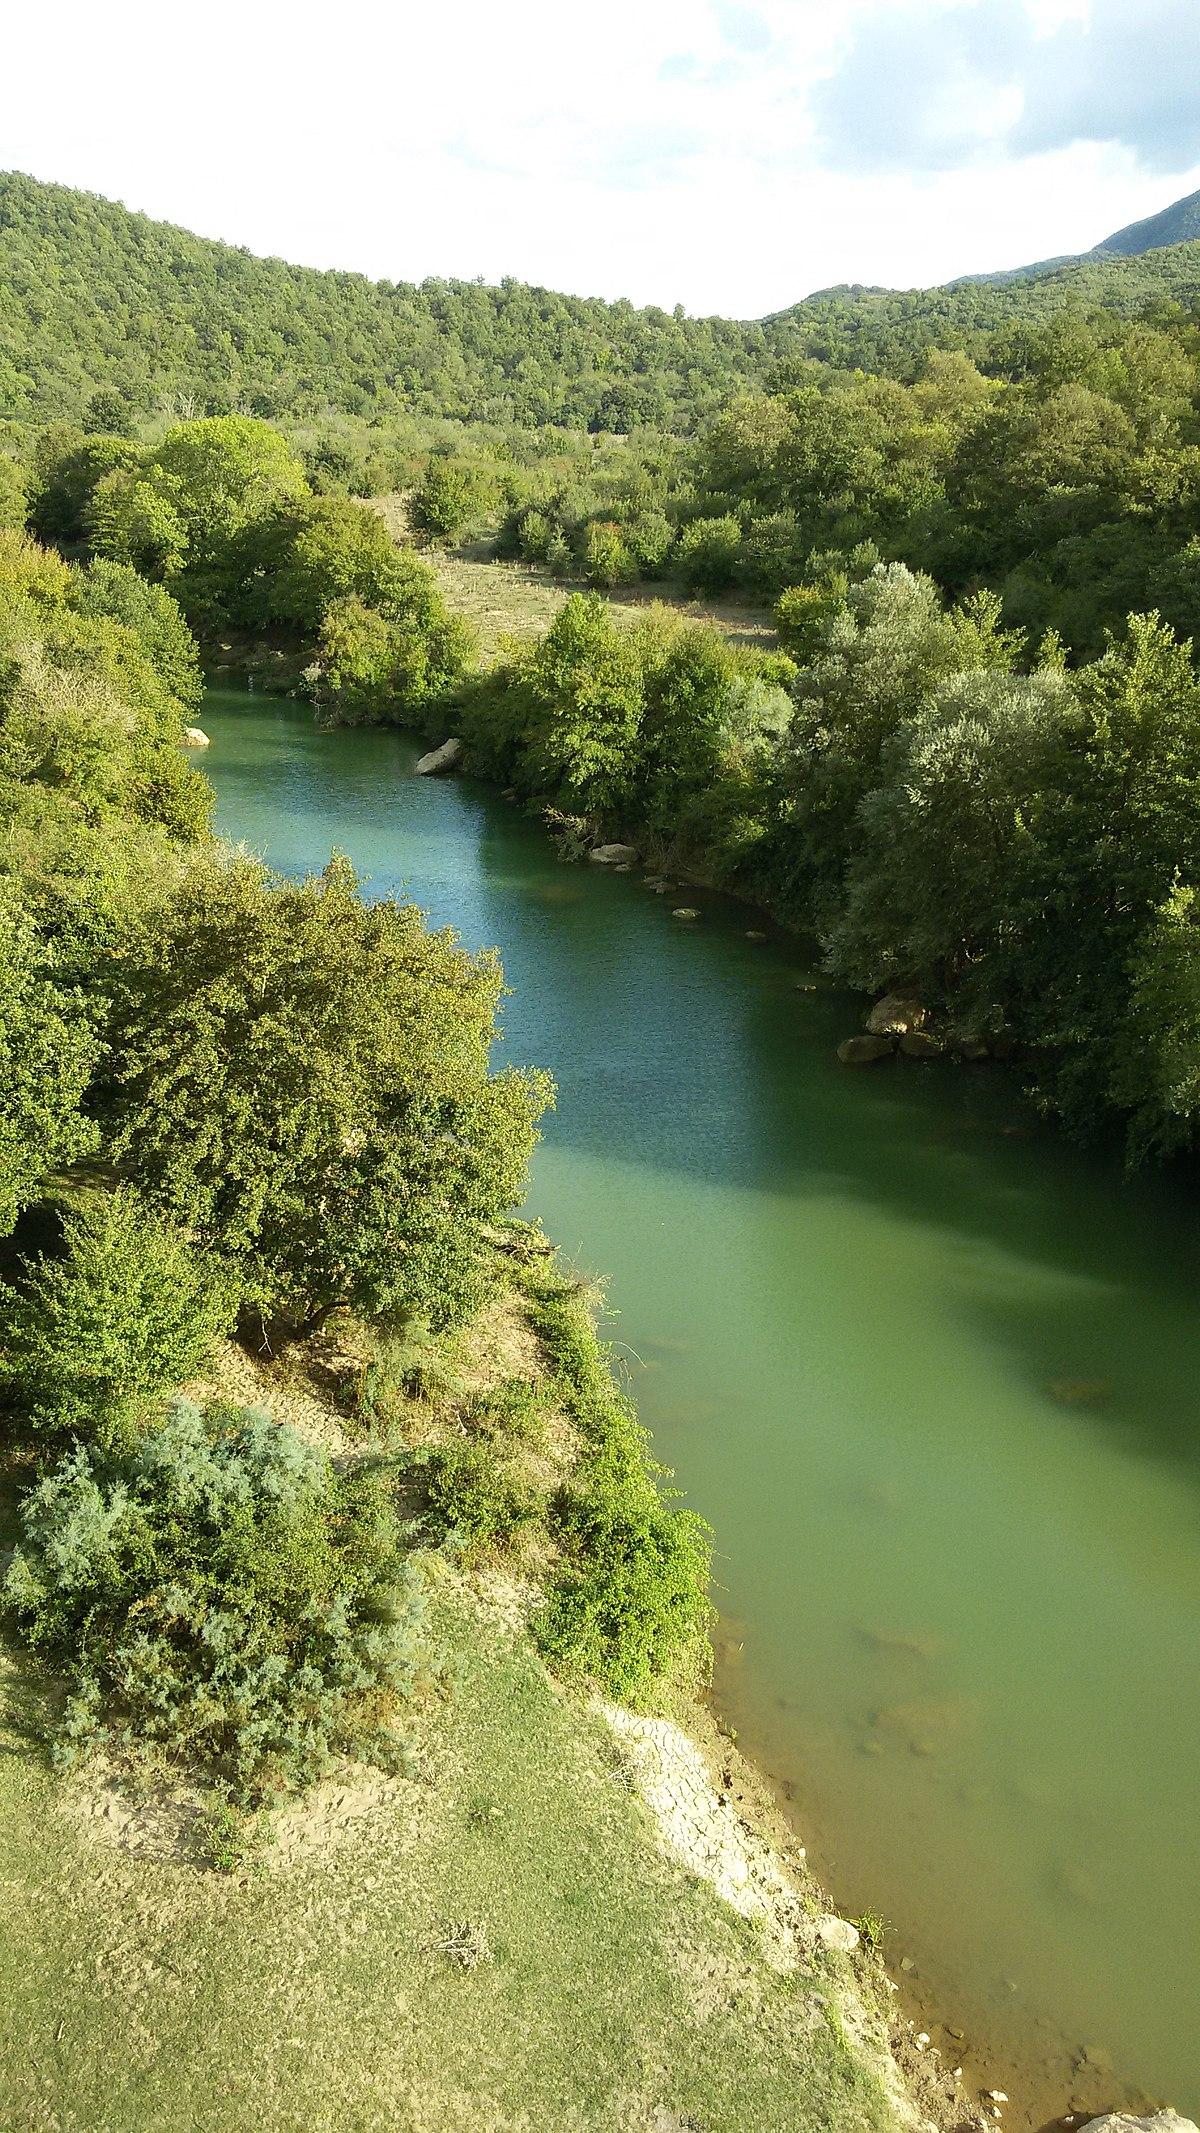 Mignone wikipedia - Il giardino sul fiume ...